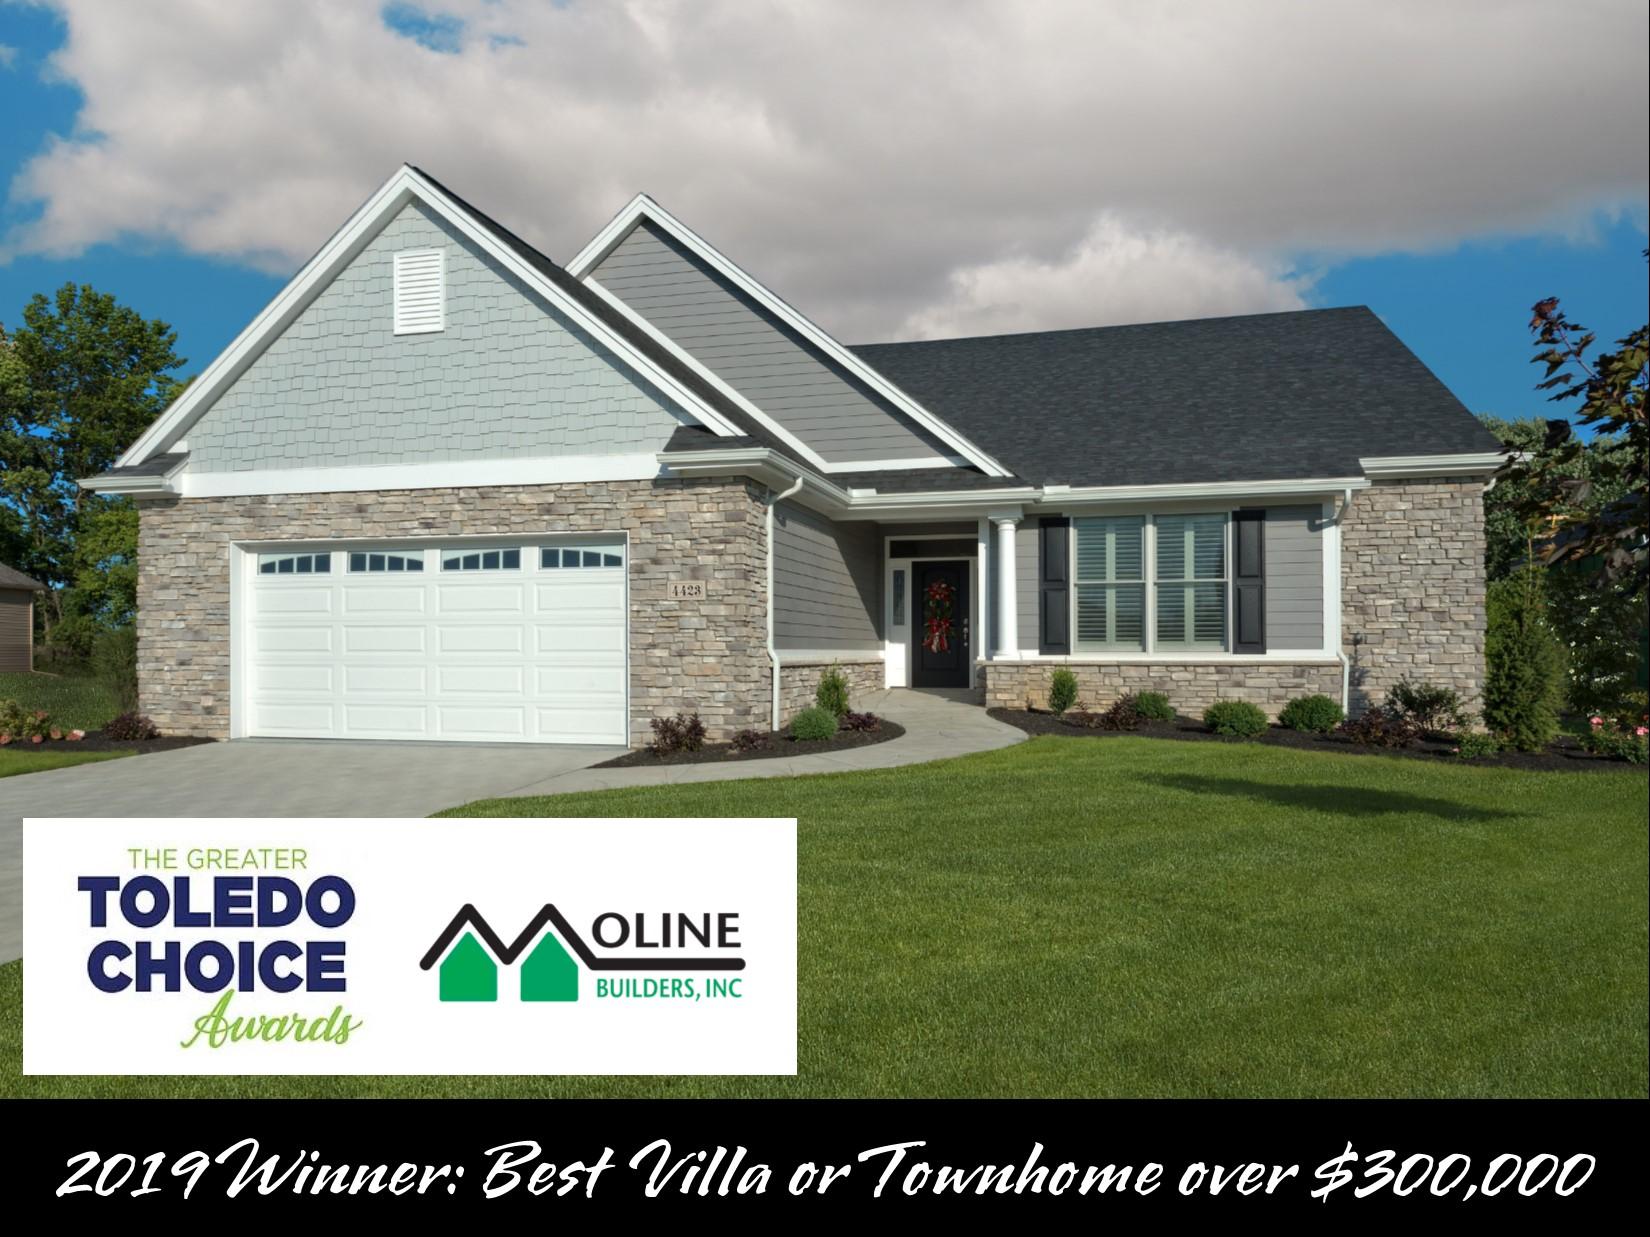 Toledo Builder Wins Best Villa